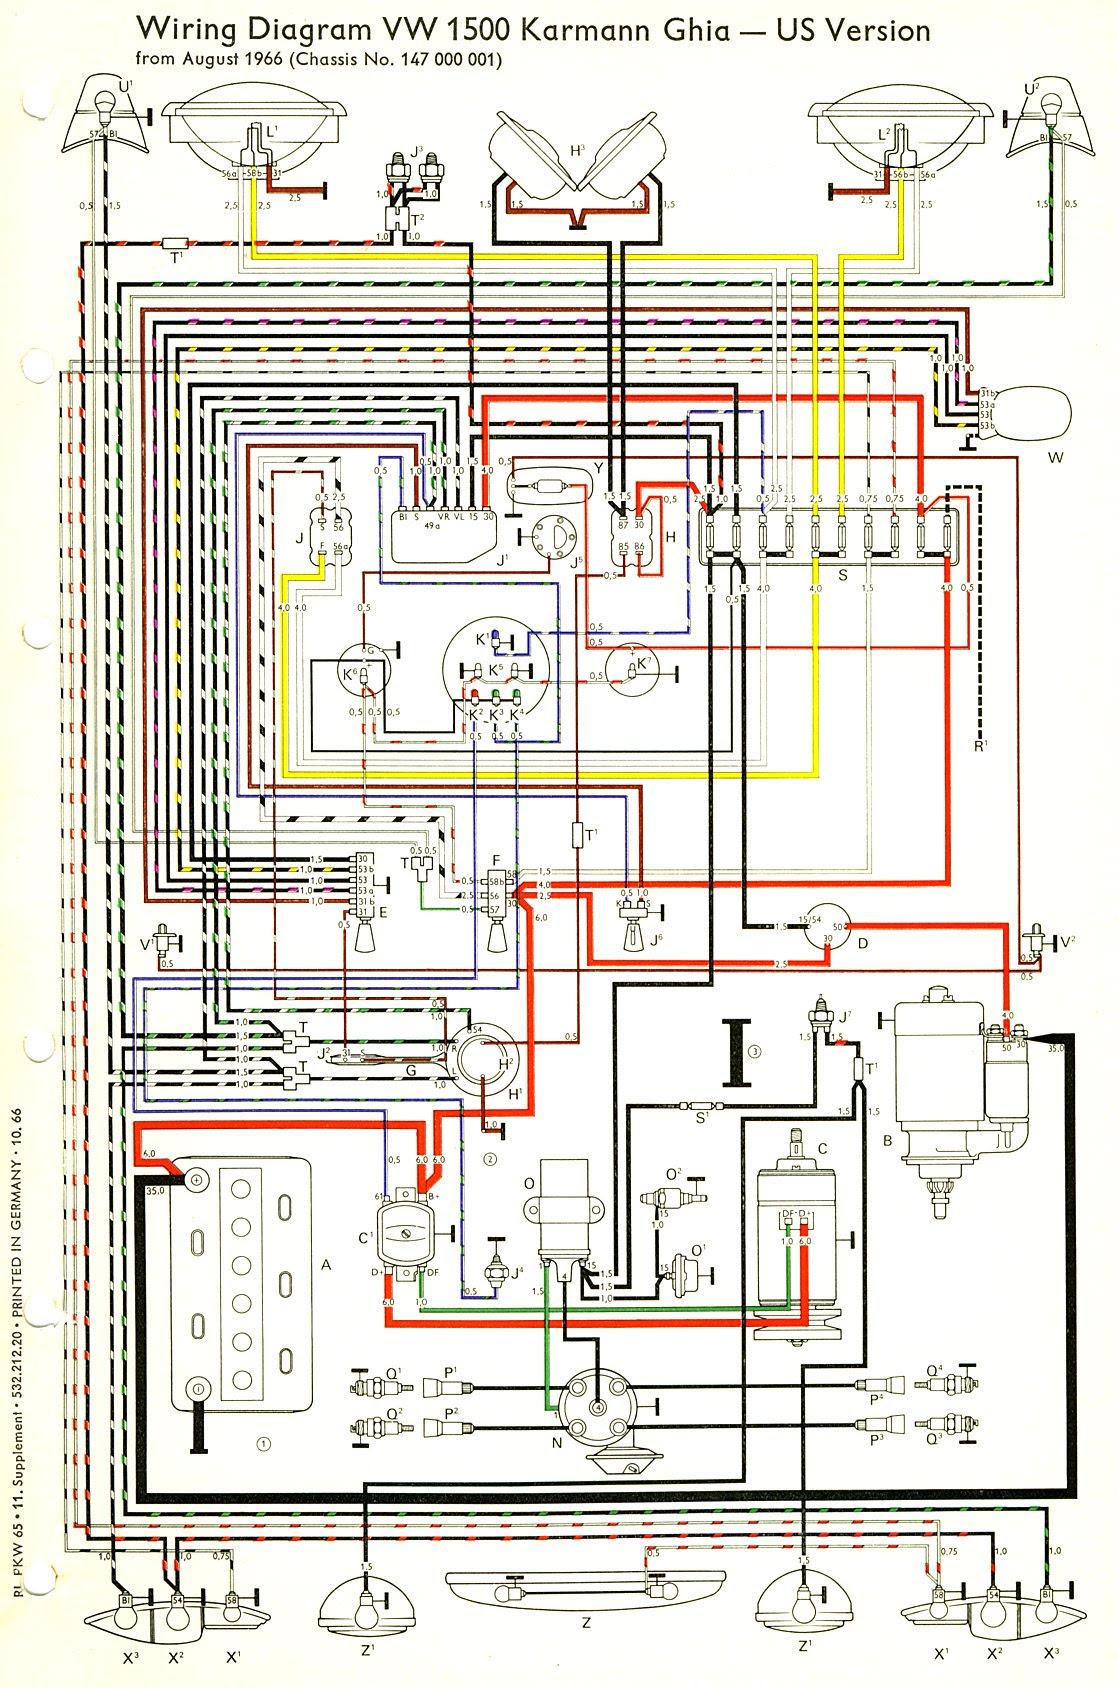 71 camaro wiring diagram image 8